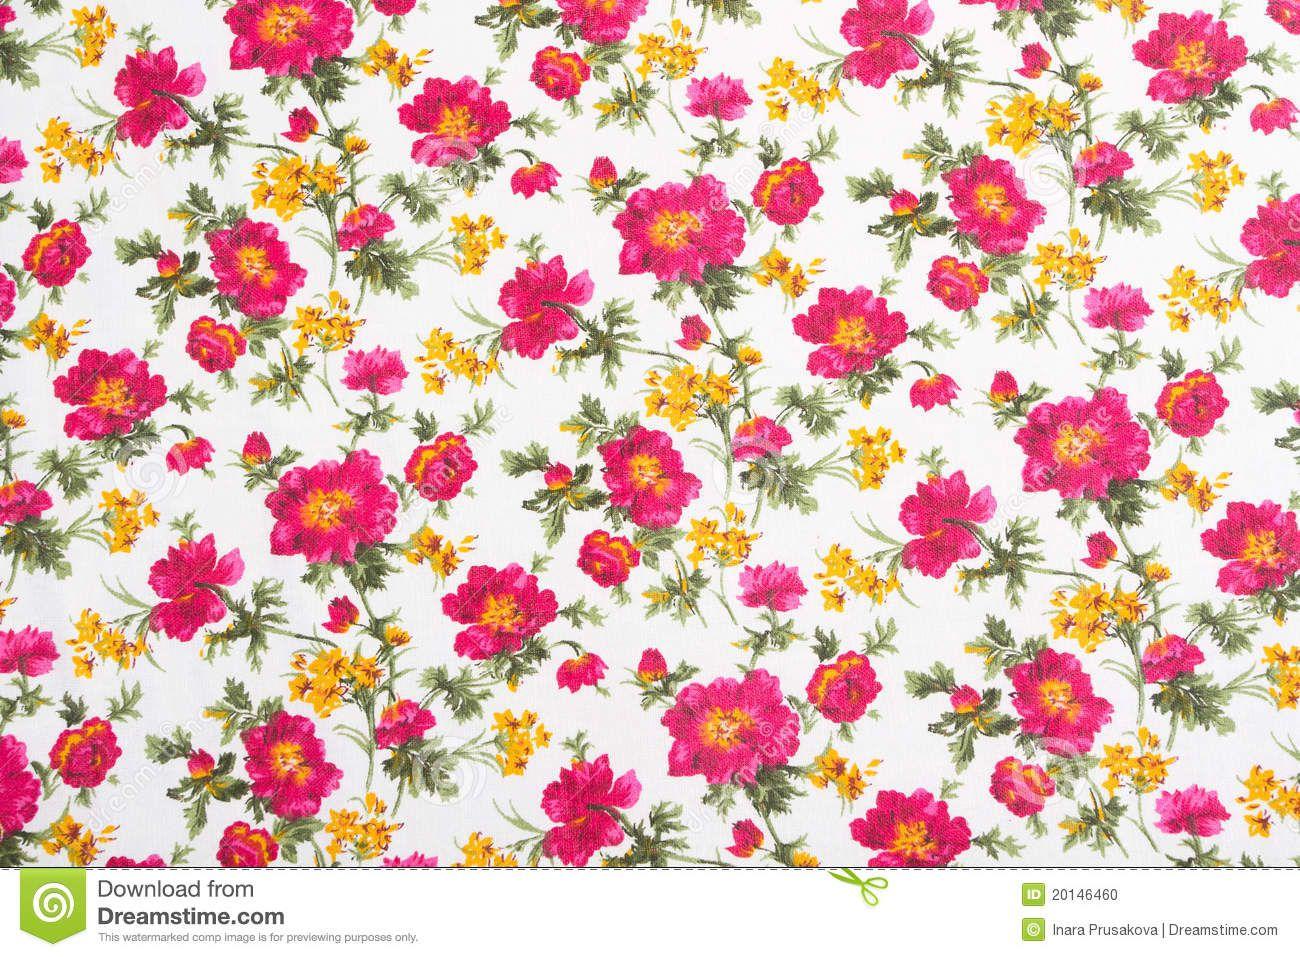 Imagenes De Fondo Flores Para Pantalla Hd 2: Imagenes Vintage Flores Para Fondo De Pantalla En Hd 1 HD